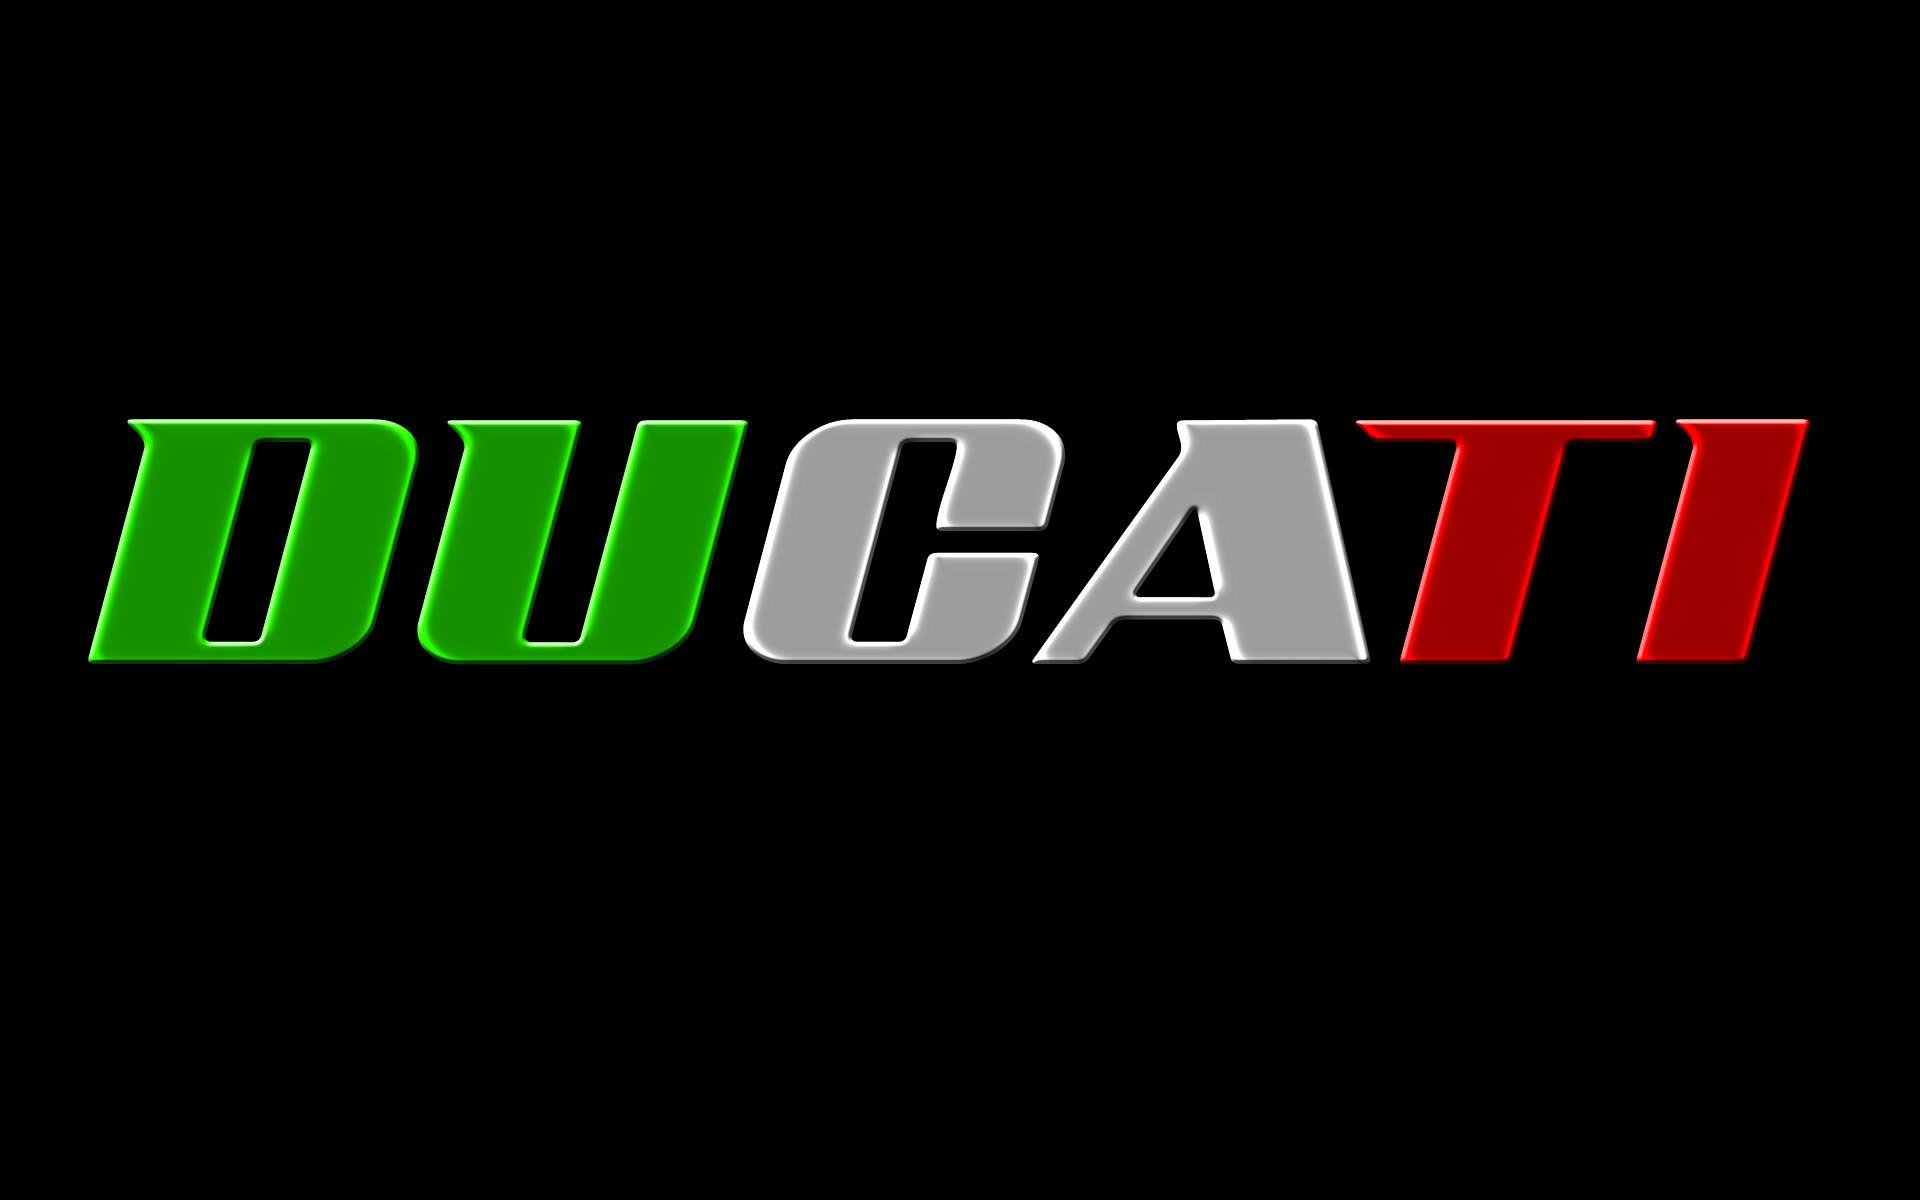 puma logo wallpaper 61 images